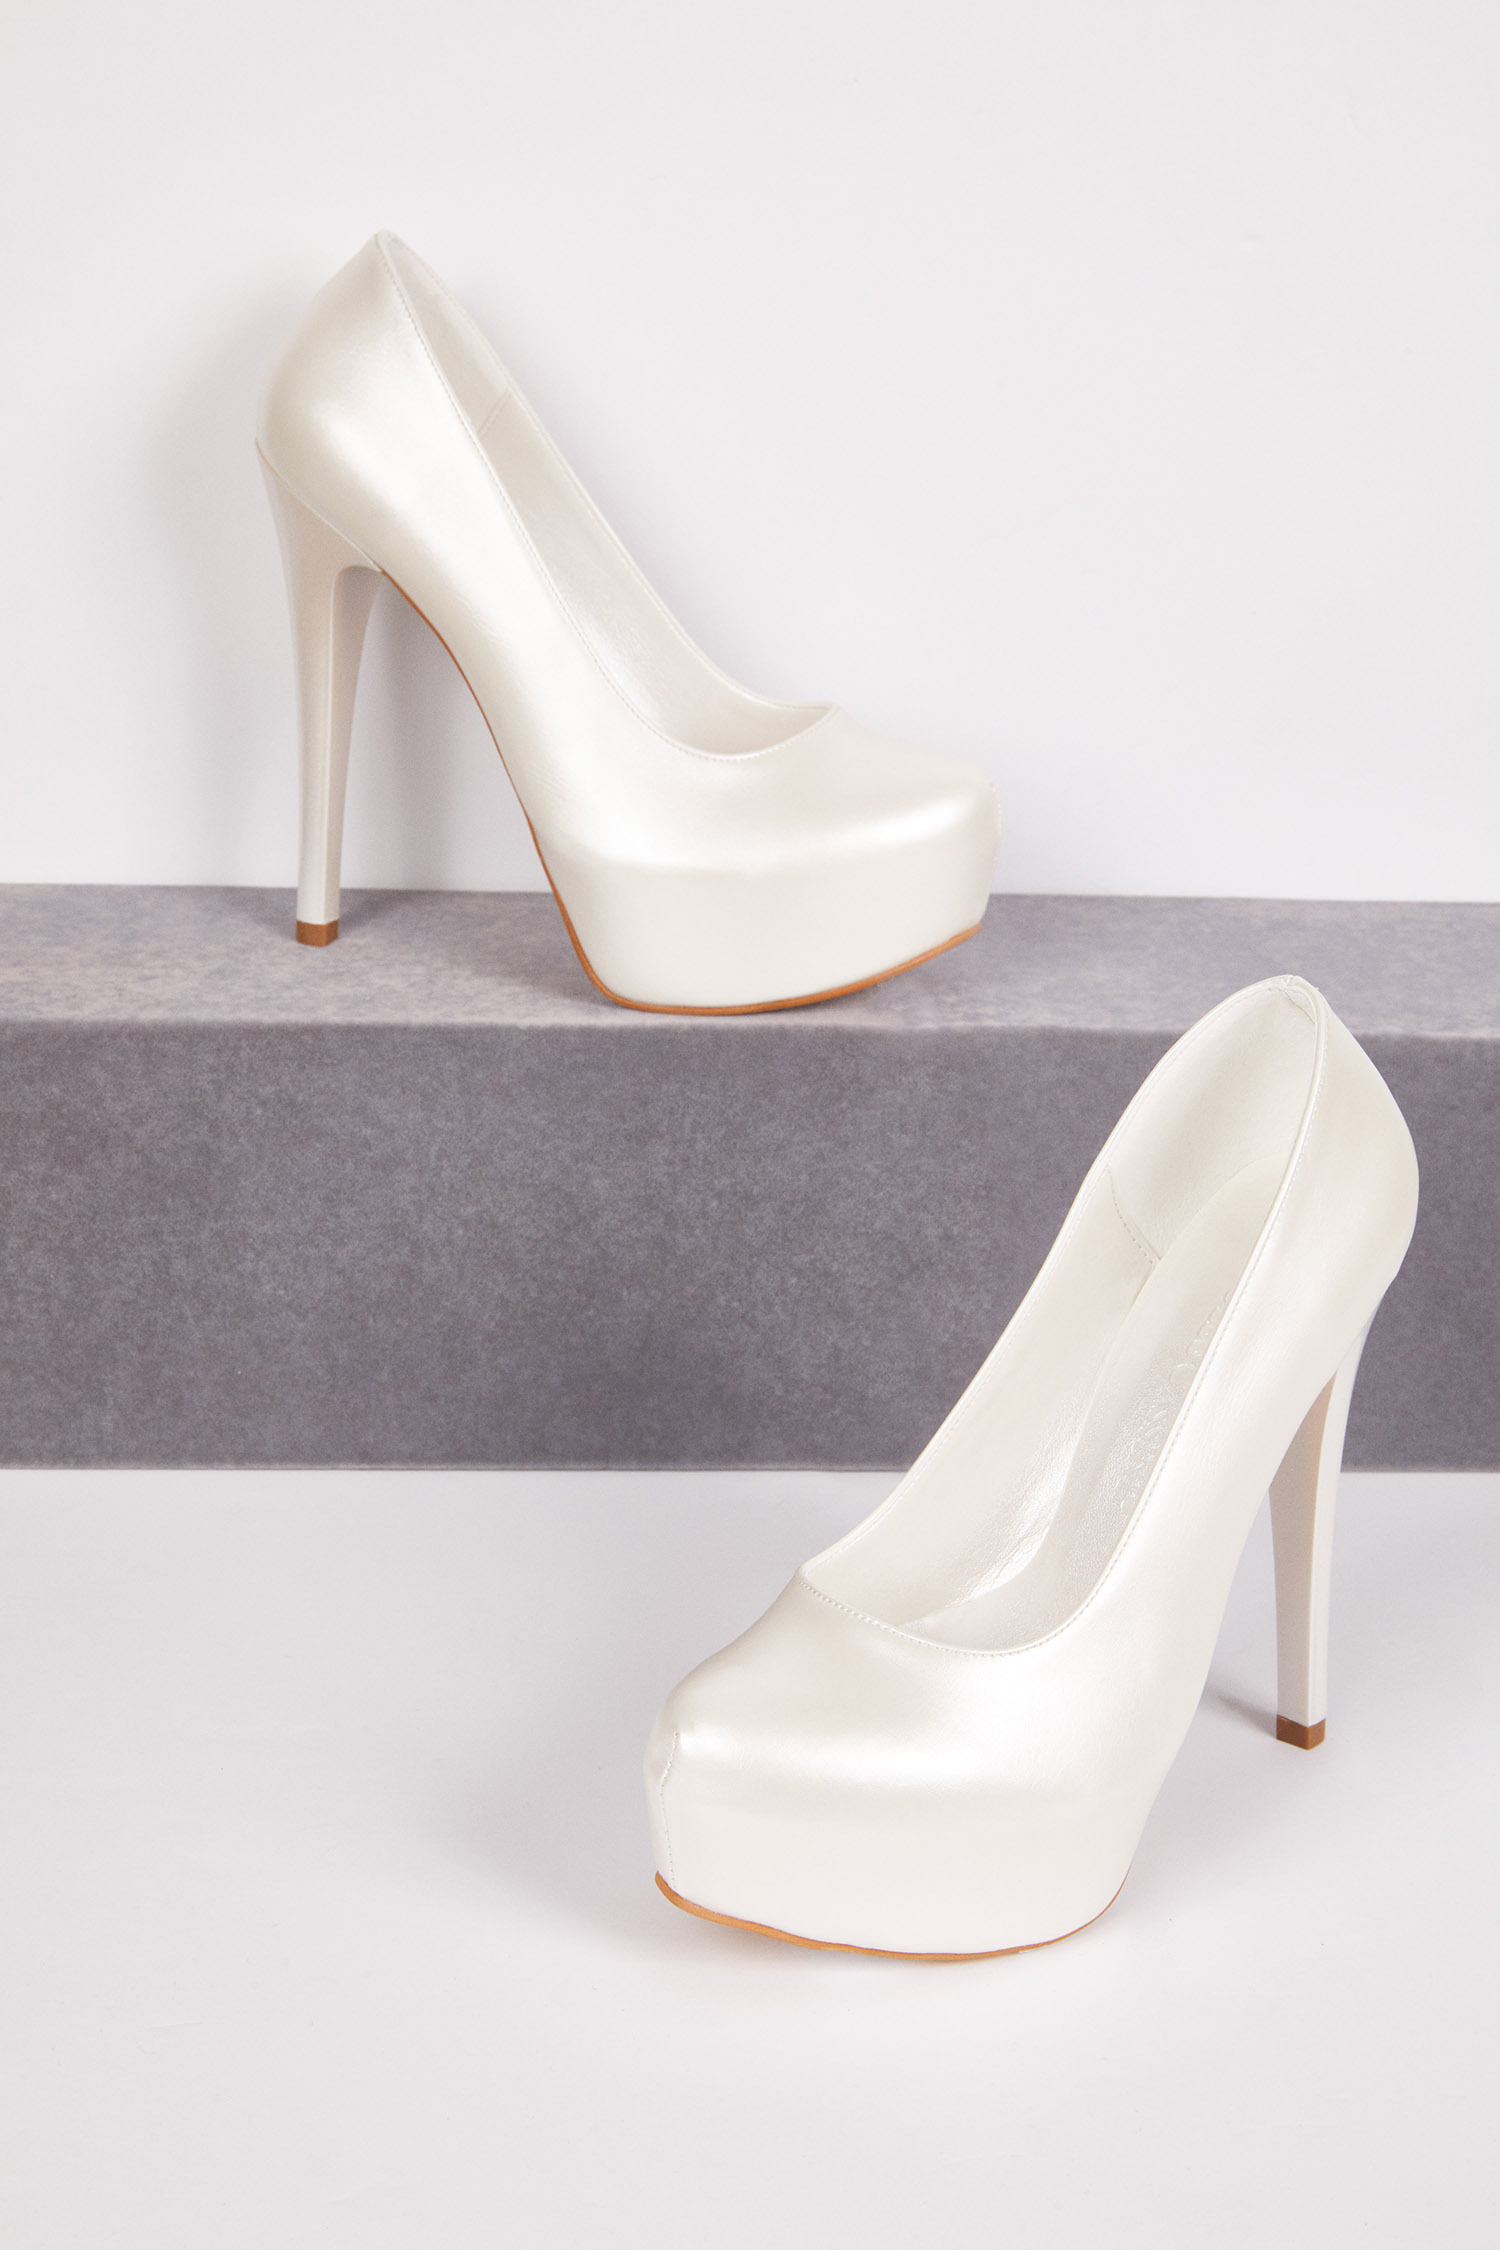 Yüksek Topuklu Önü Kapalı Beyaz Gelin Ayakkabısı